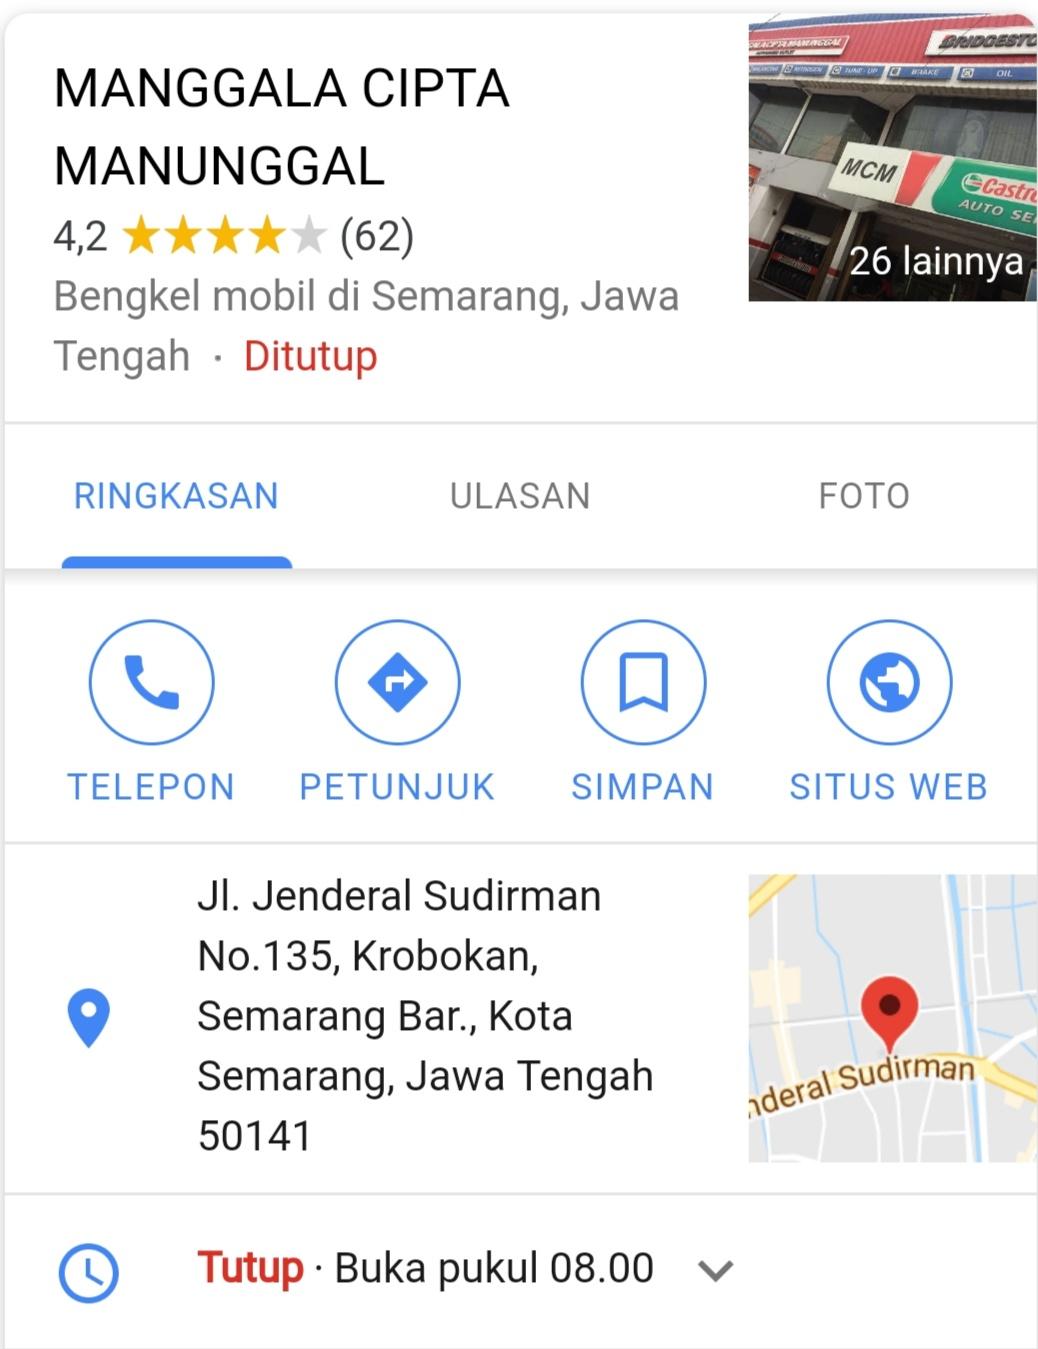 Alamat Perusahaan Manggala Cipta Manunggal Semarang